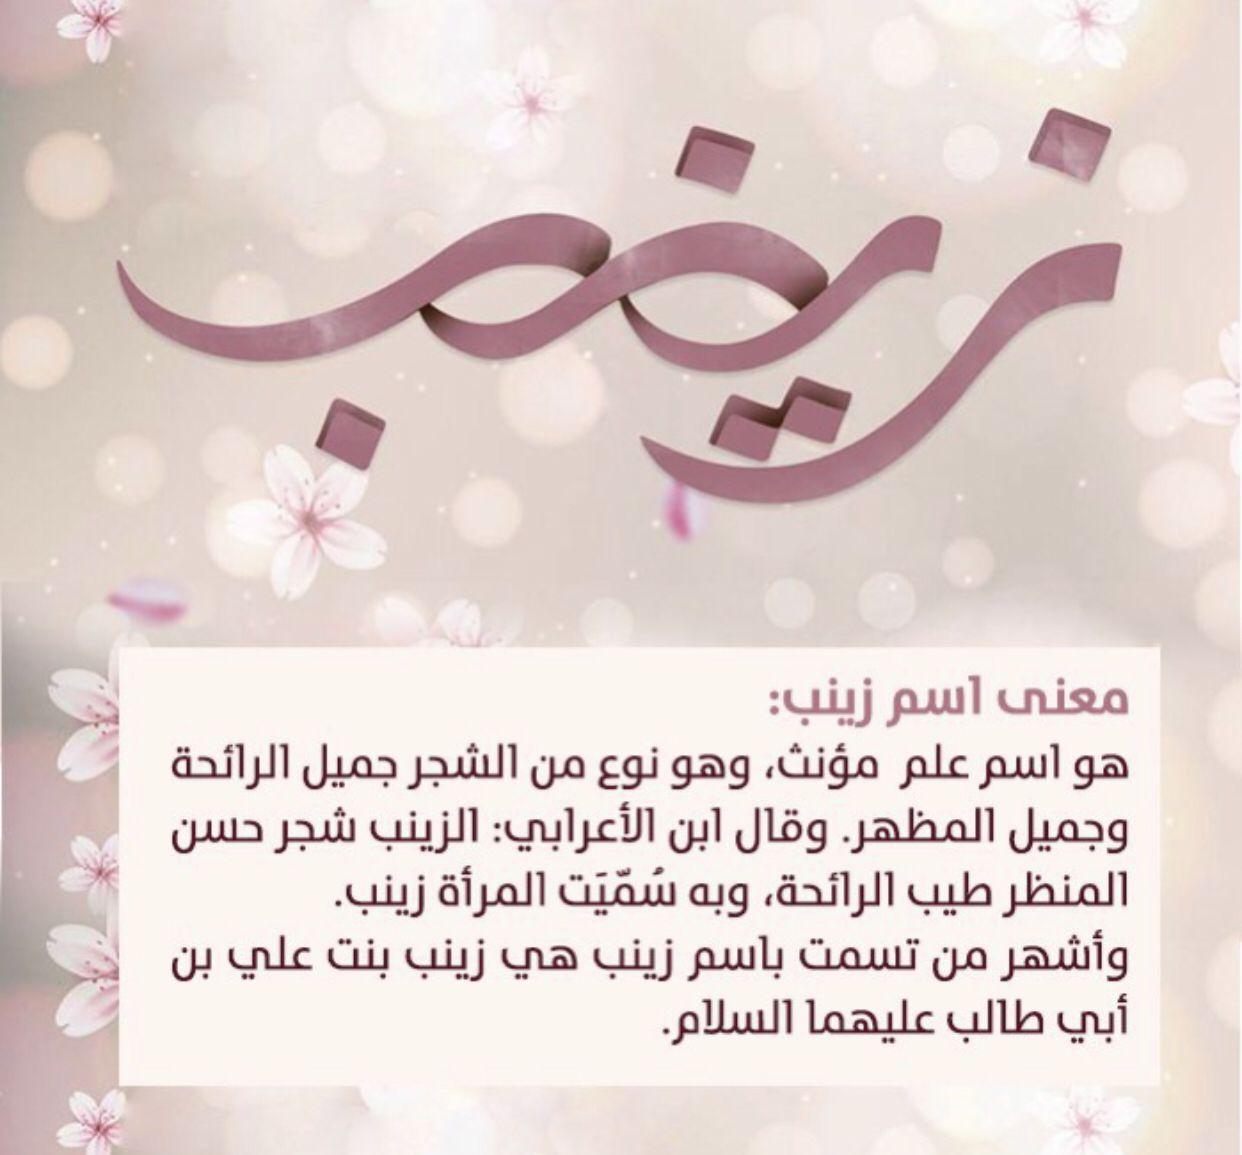 مامعنى اسم زينب من اجمل الاسماء روعه شوق وغزل